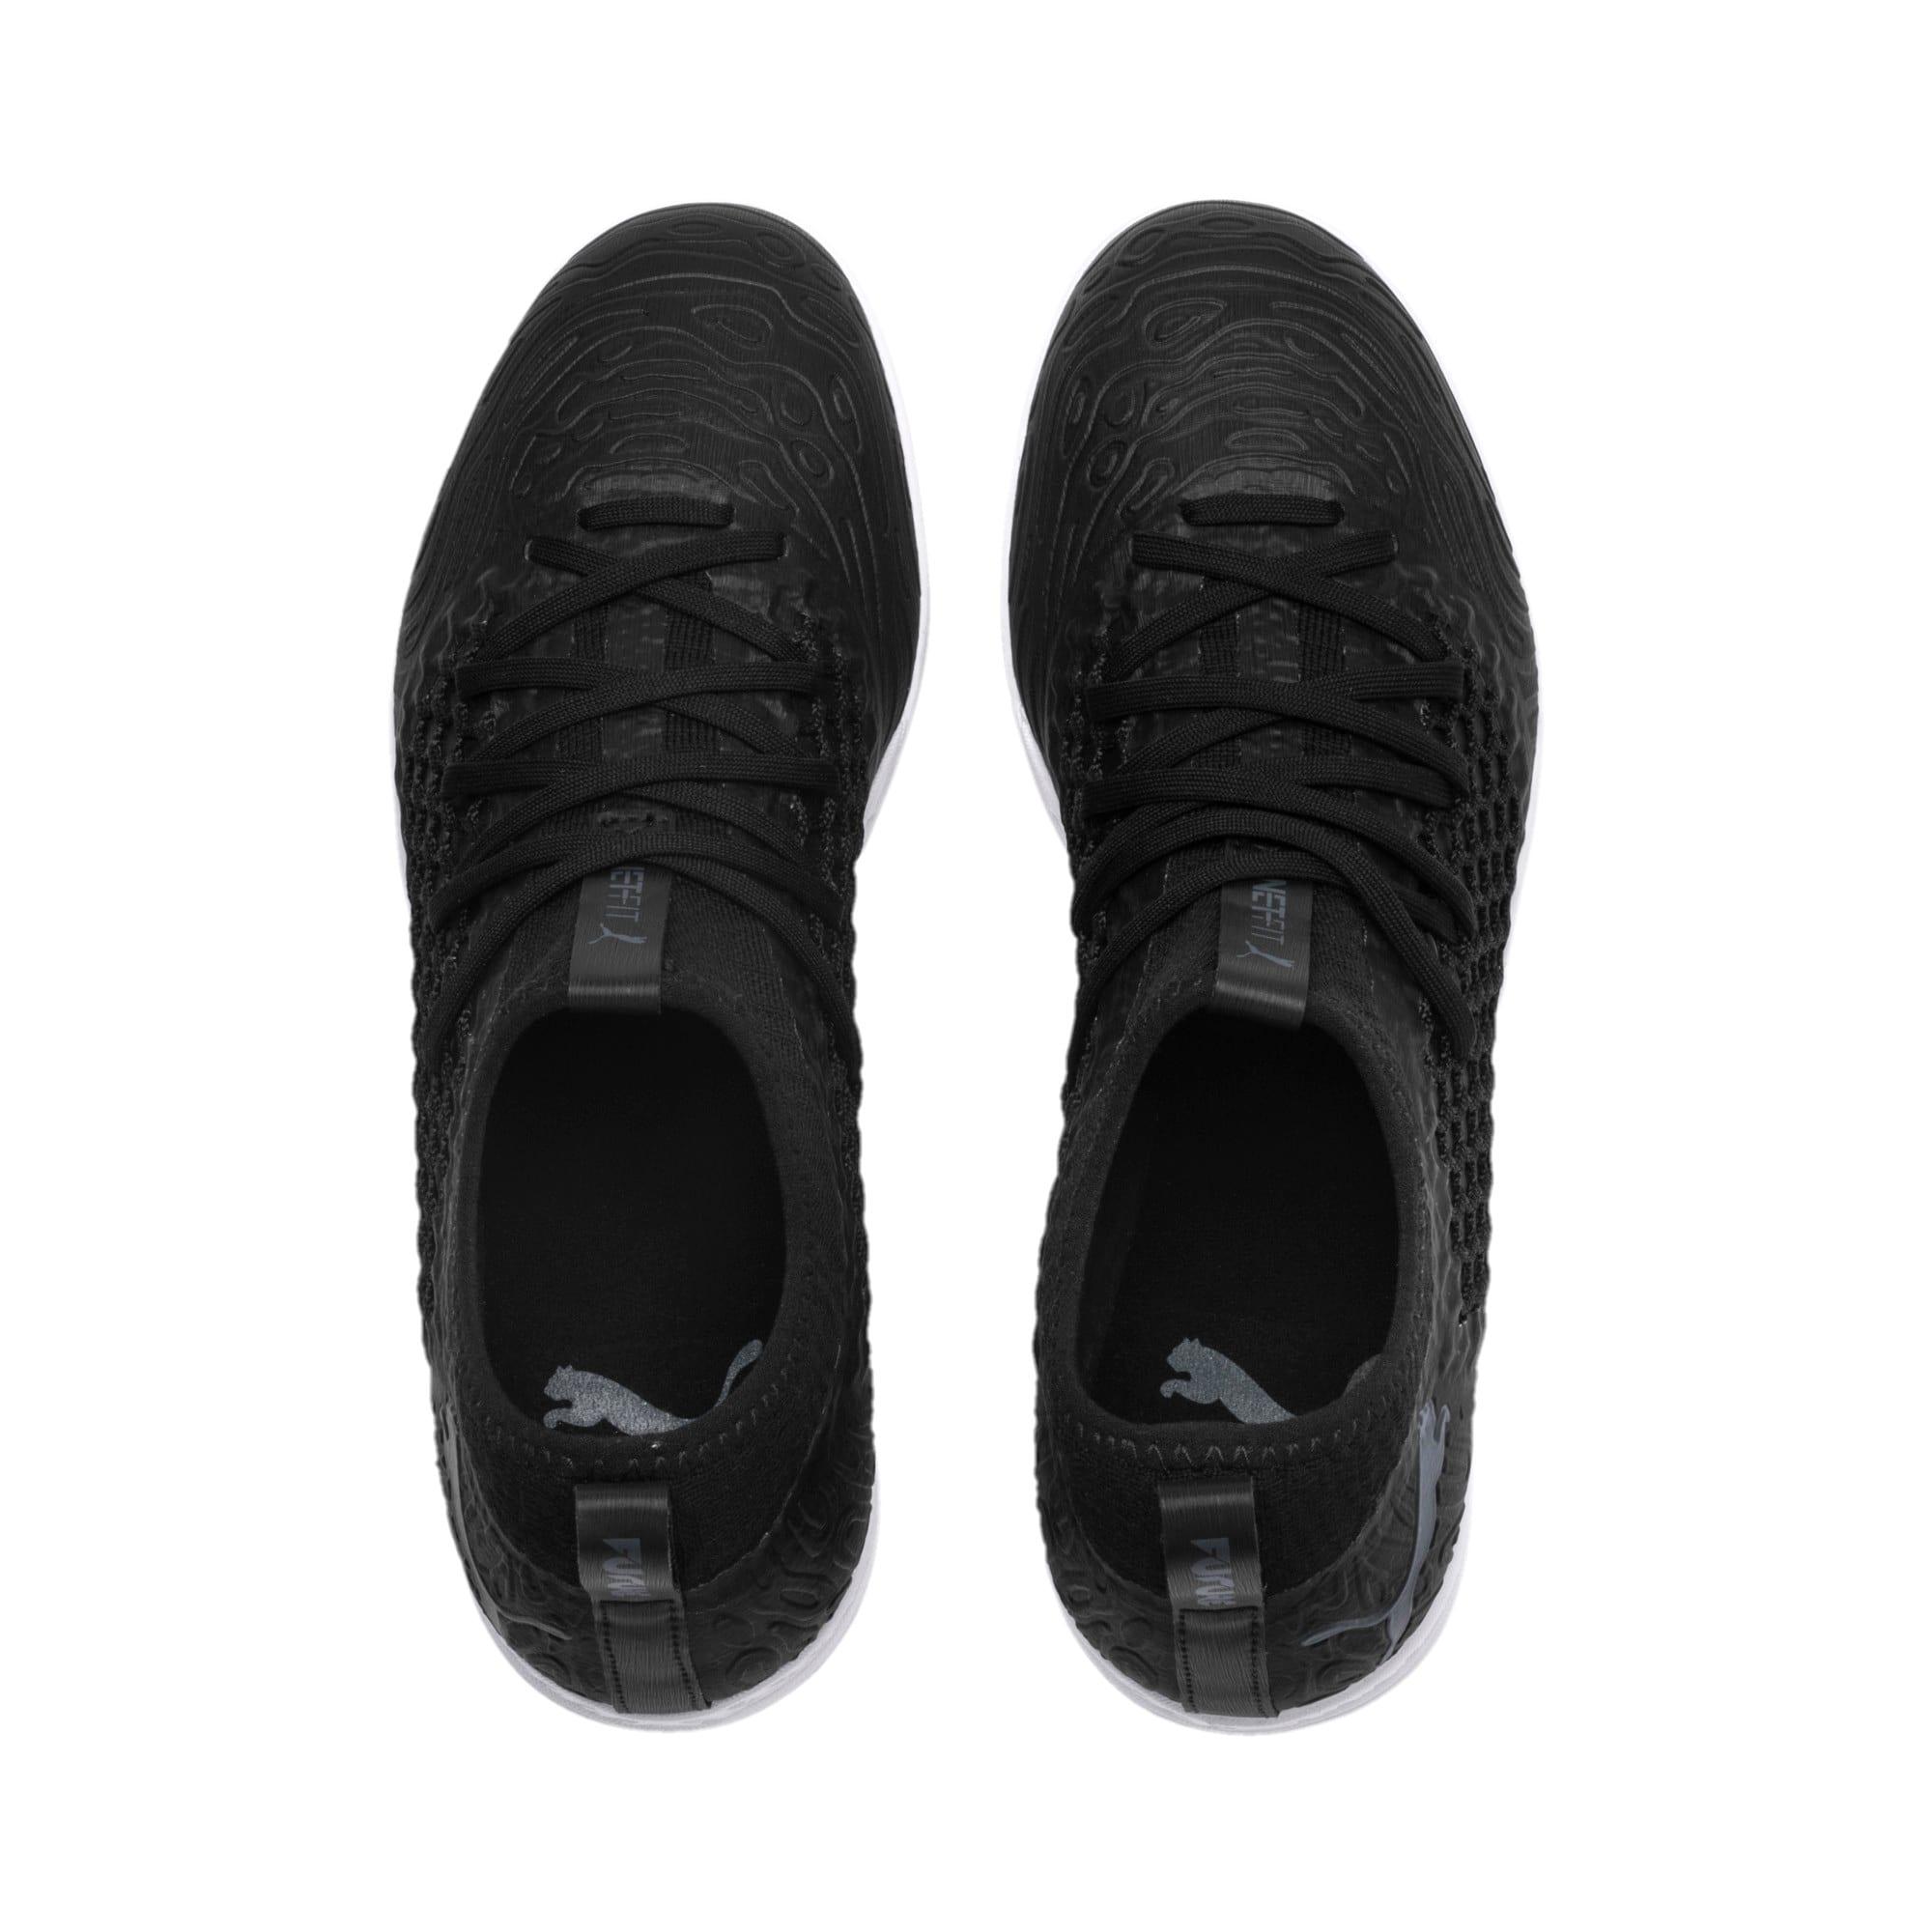 Thumbnail 6 of FUTURE 19.3 NETFIT IT Men's Soccer Shoes, Puma Black-Puma Black-White, medium